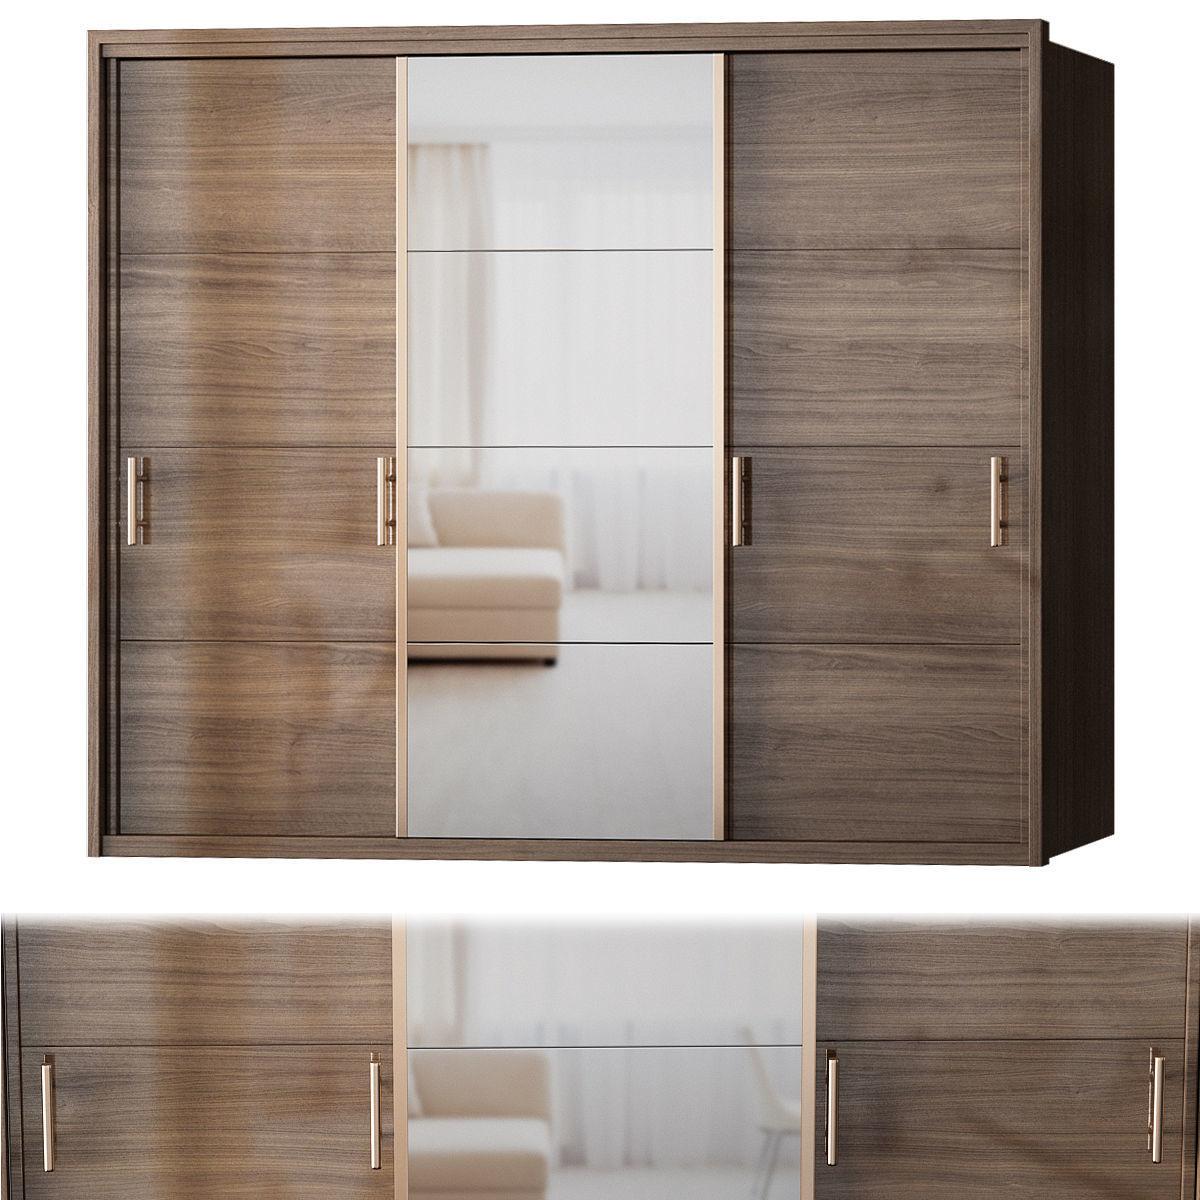 Manhattan Comfort Bellevue Wardrobe - 3 Doors low poly 3d model